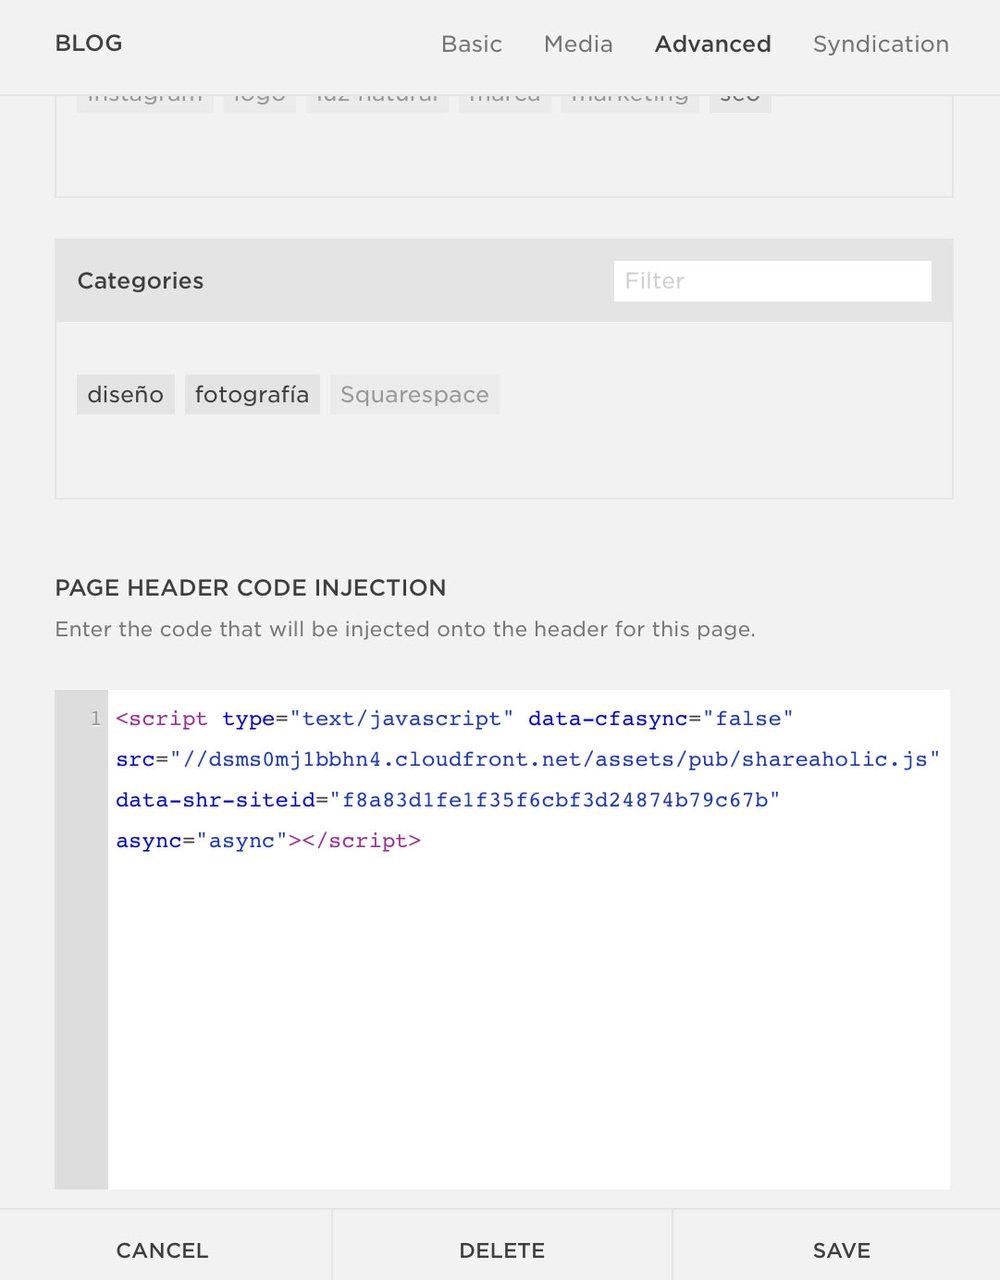 Aquí puedes pegar cualquier código que quieras que se aplique solo al blog, como el de los íconos para compartir en redes sociales de SumoMe o Shareaholic.